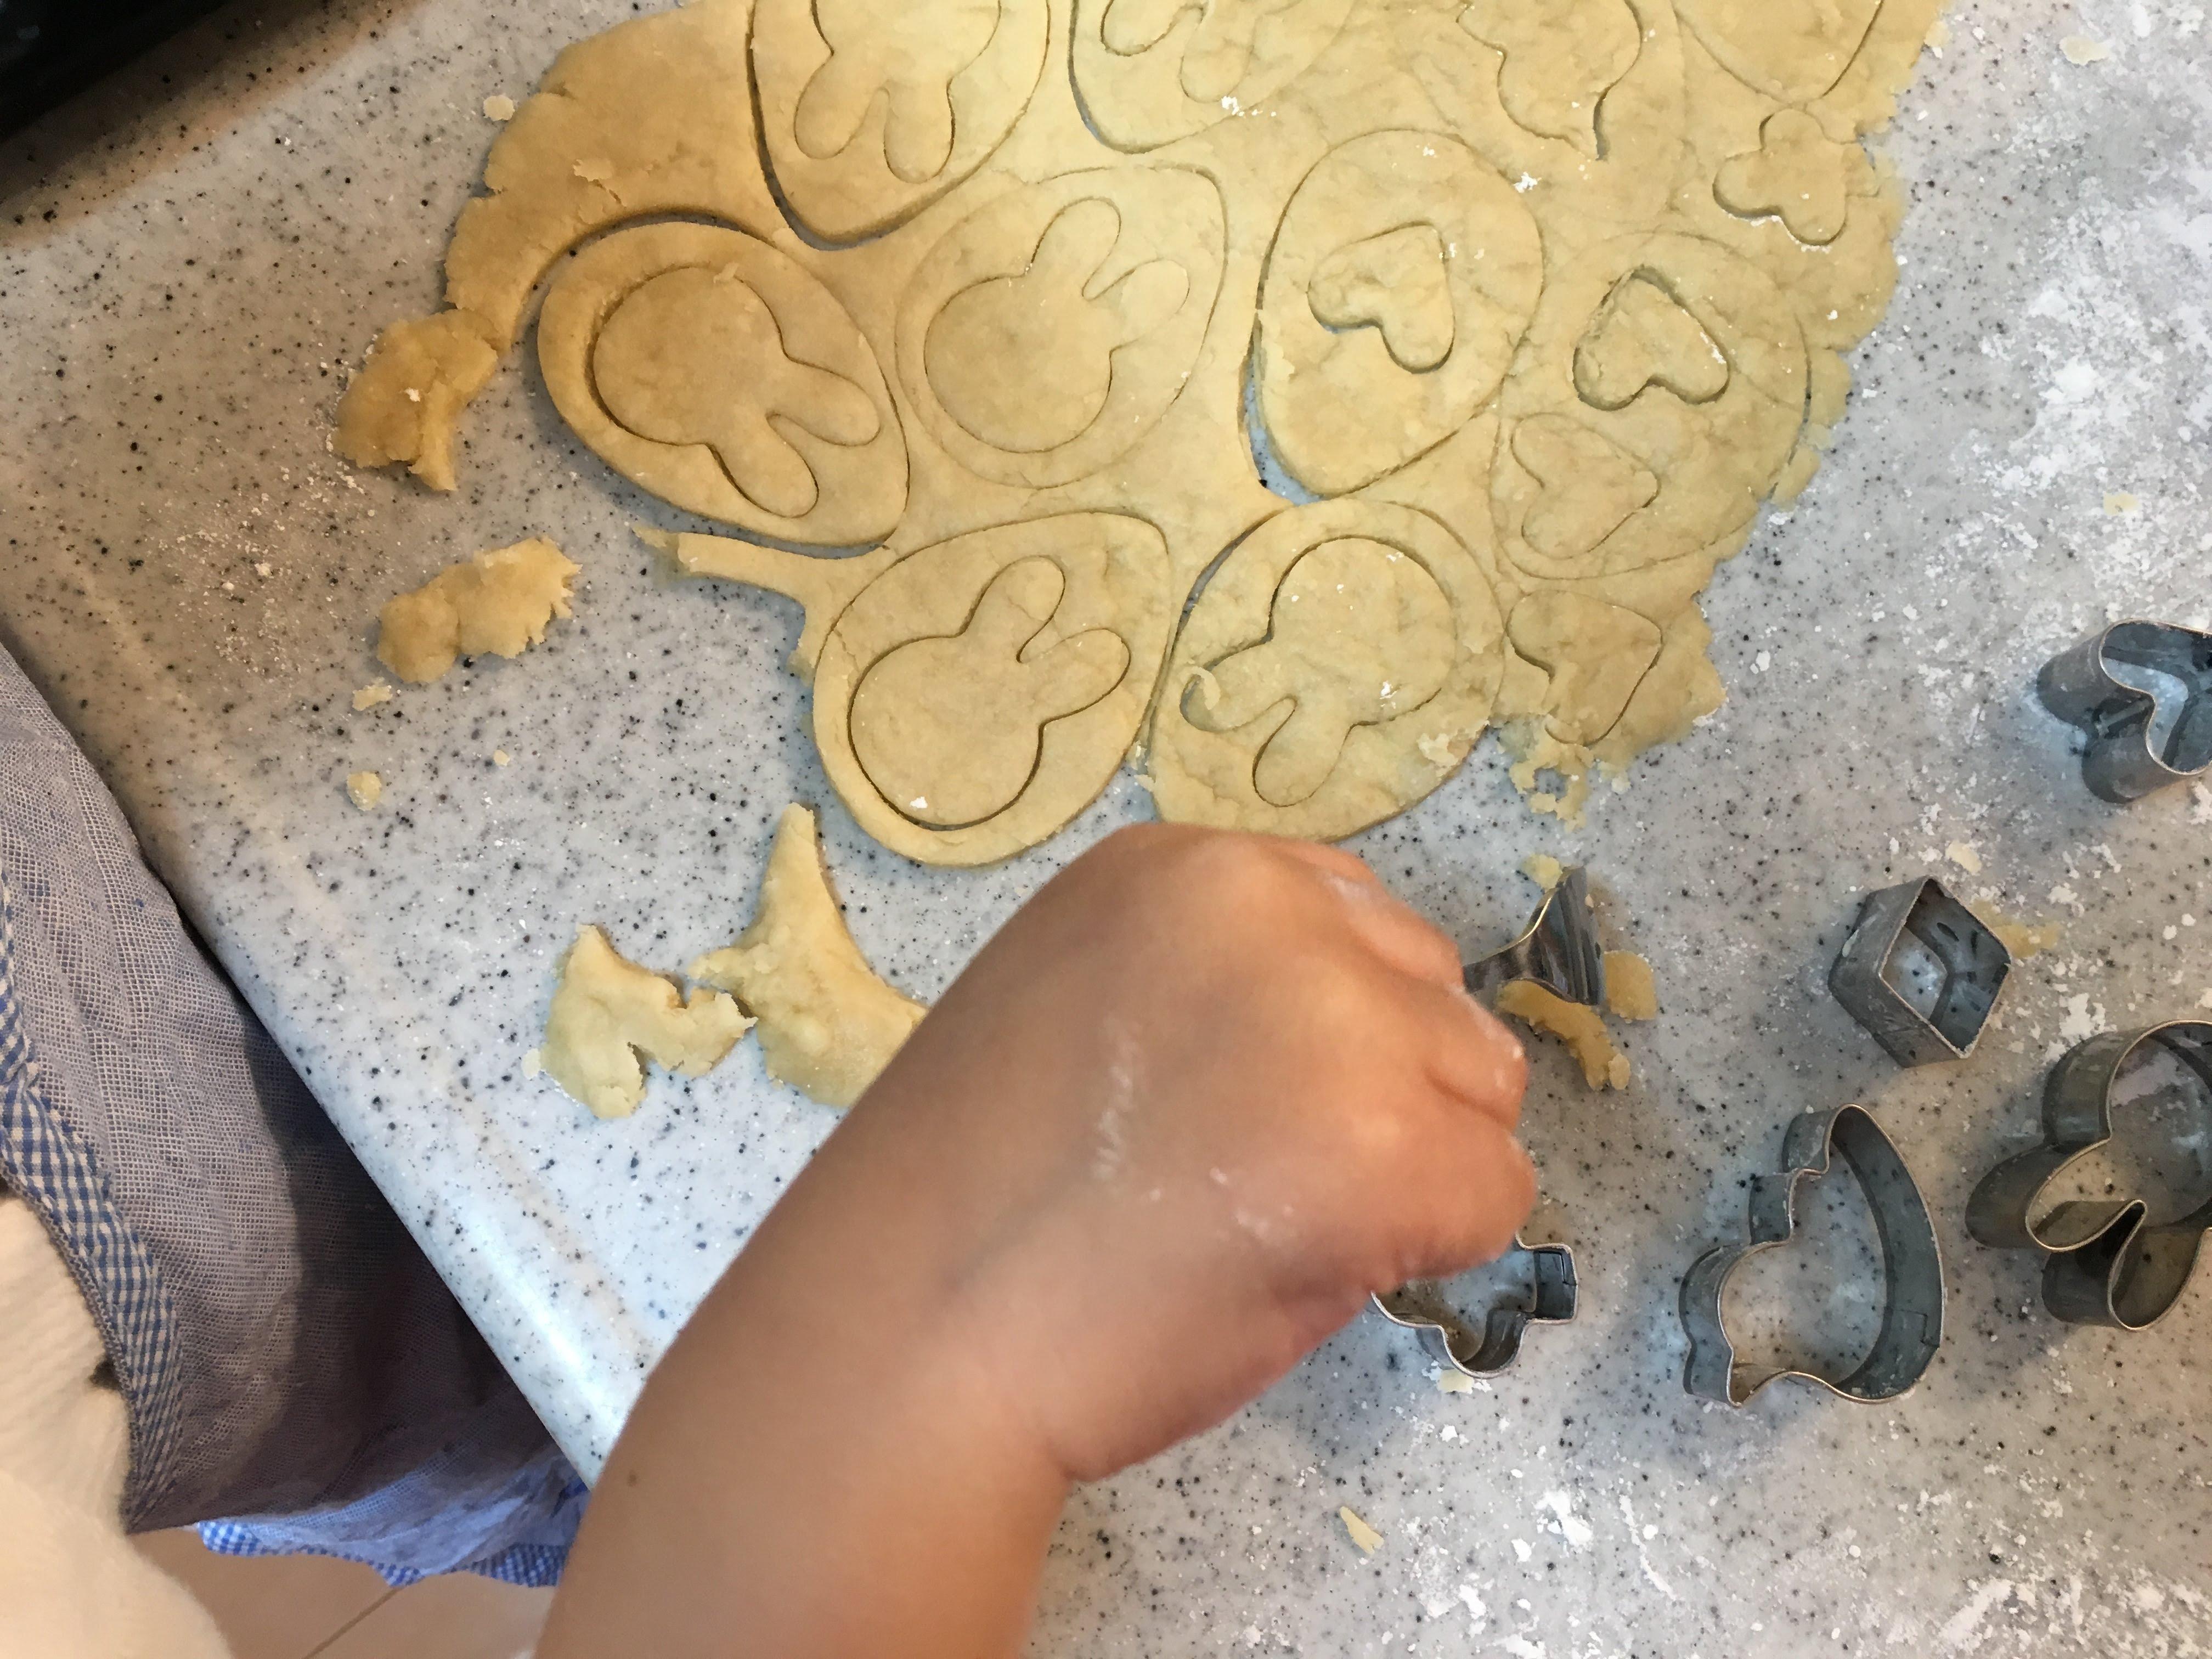 クッキー型抜き フォーク